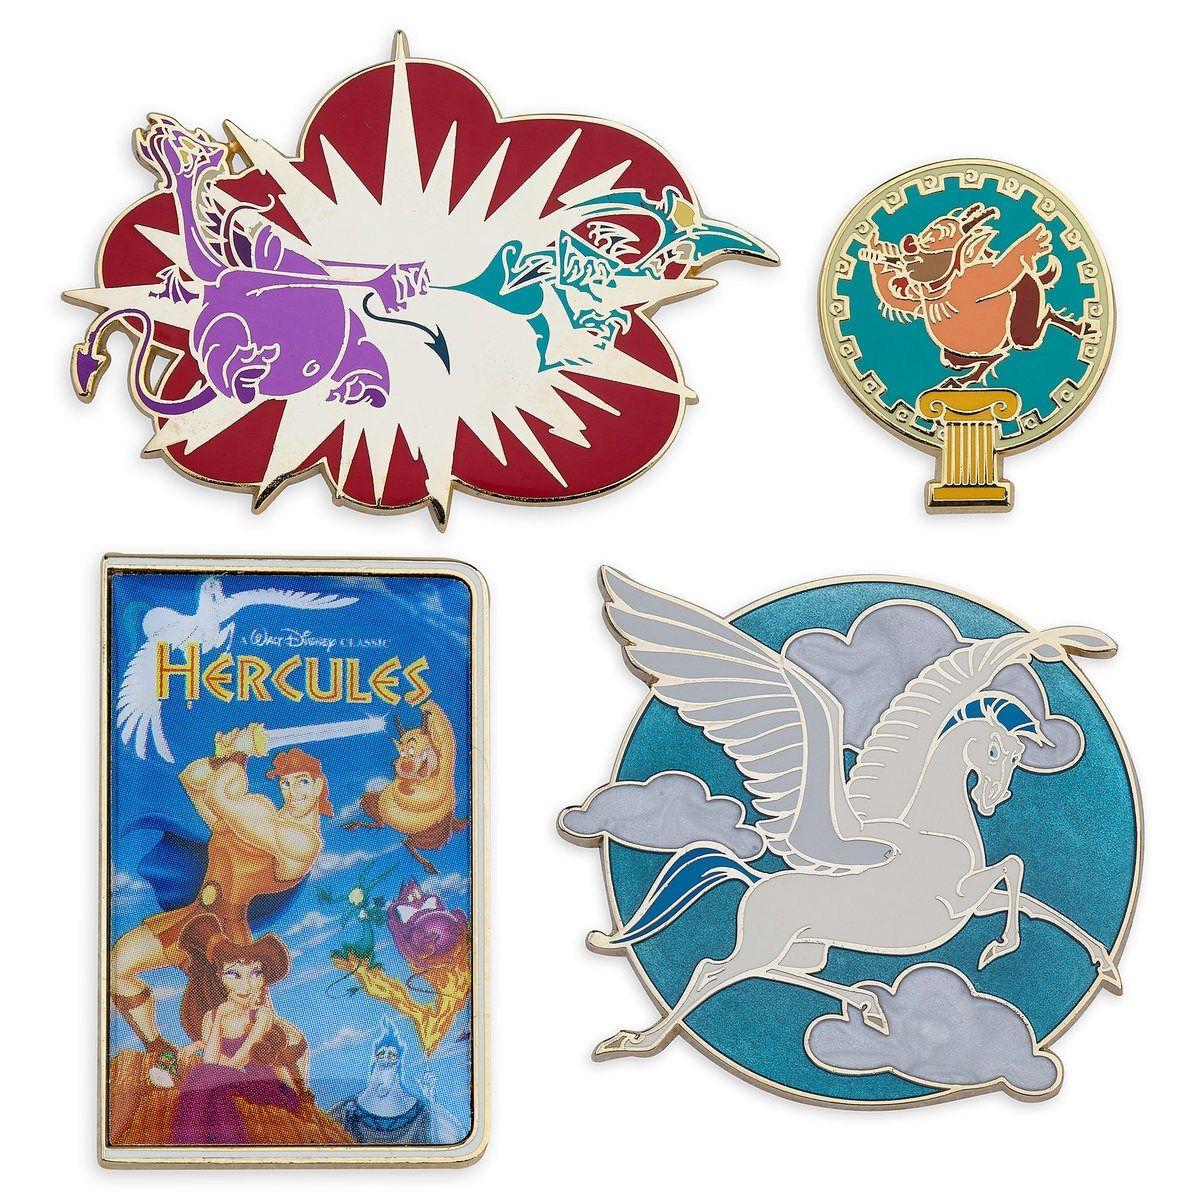 Hercules Disney pins set